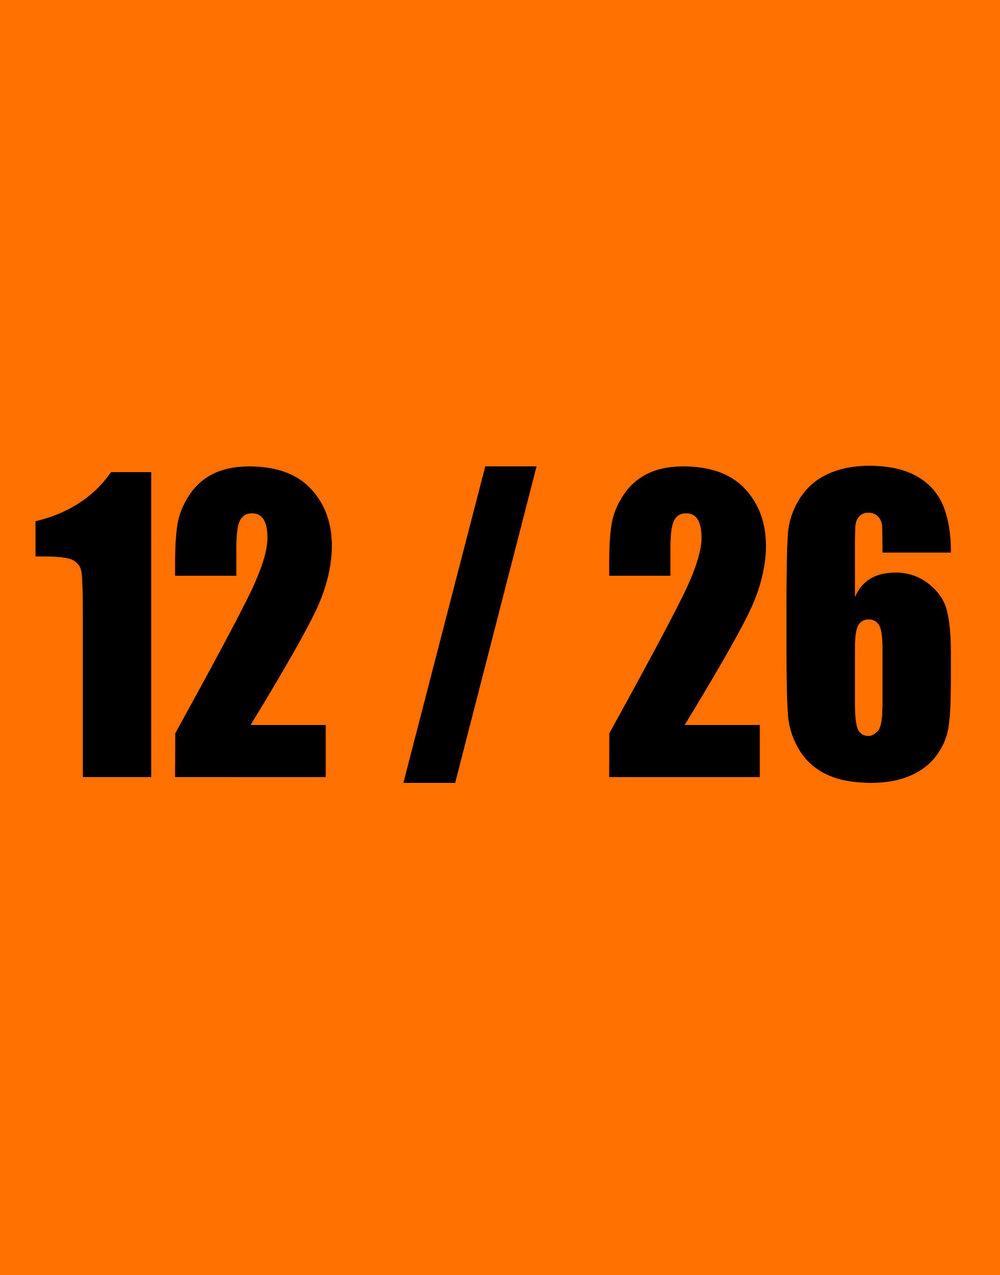 12-26.jpg